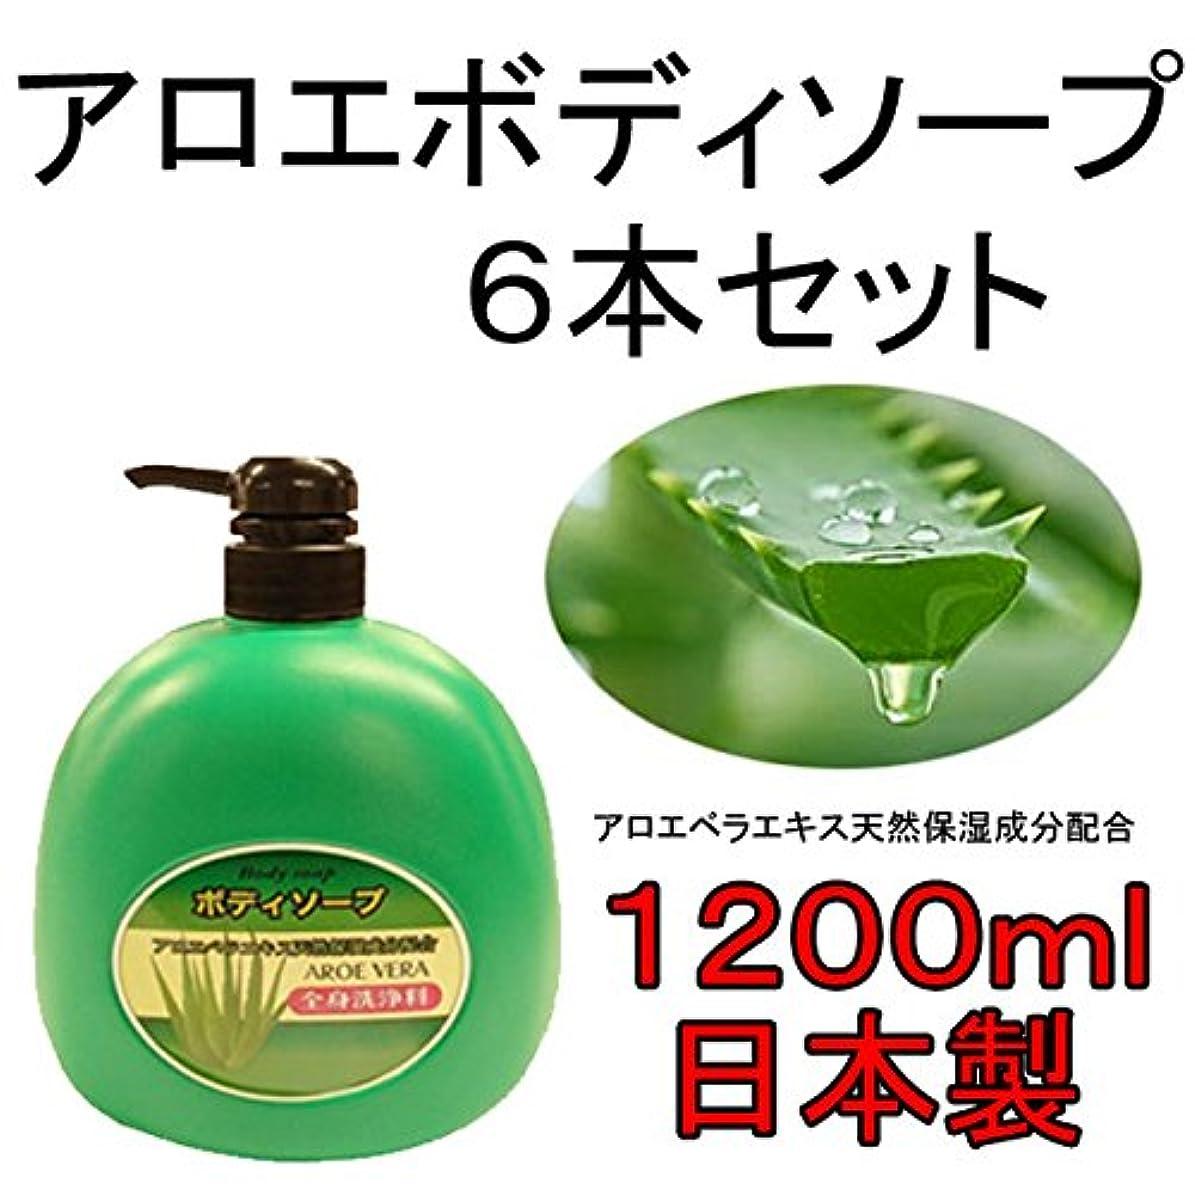 獣不適当ネスト高級アロエボディソープ6本セット アロエエキスたっぷりでお肌つるつる 国産?日本製で安心/約1年分1本1200mlの大容量でお得 液体ソープ ボディソープ ボディシャンプー 風呂用 石鹸 せっけん 全身用ソープ body soap aroe あろえ